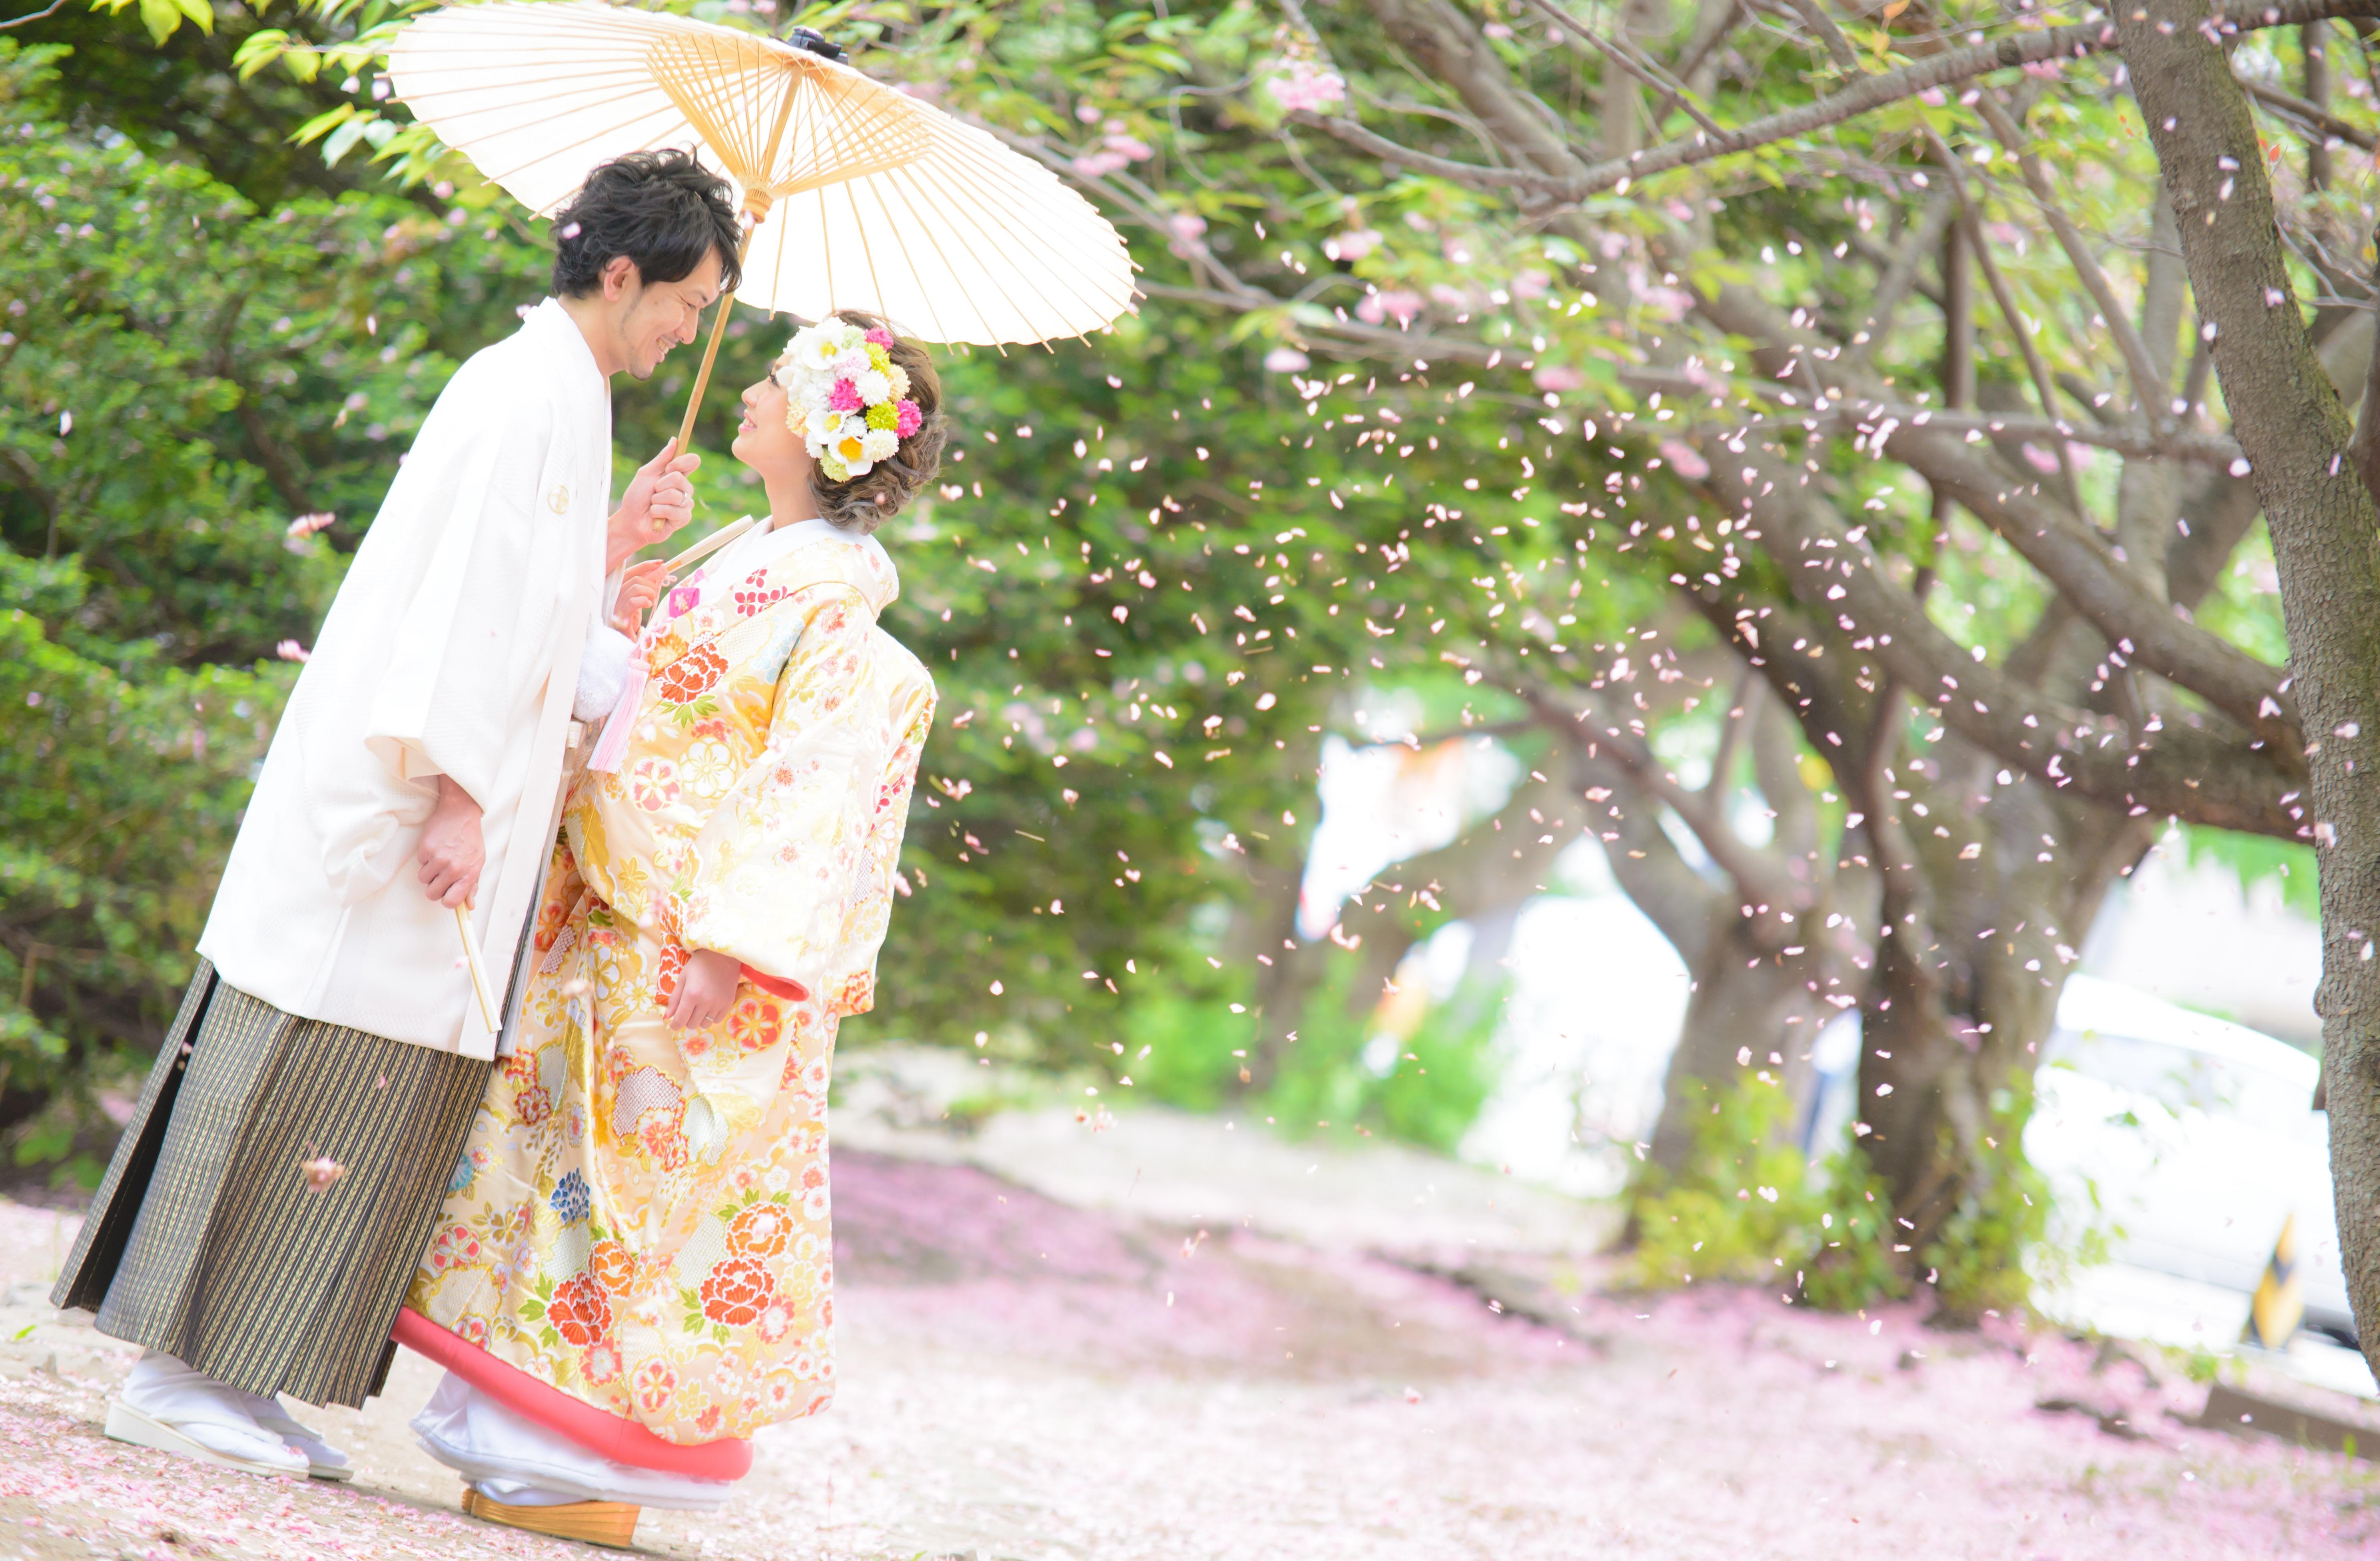 前撮り桜で撮影、JILL STUARTやアンテプリマ、NATURAL BEAUTY、ANTONIO RIVA(アントニオ・リーヴァ)、MIKA NINAGAWAなどのドレスや着物など1000着の衣装から選べます